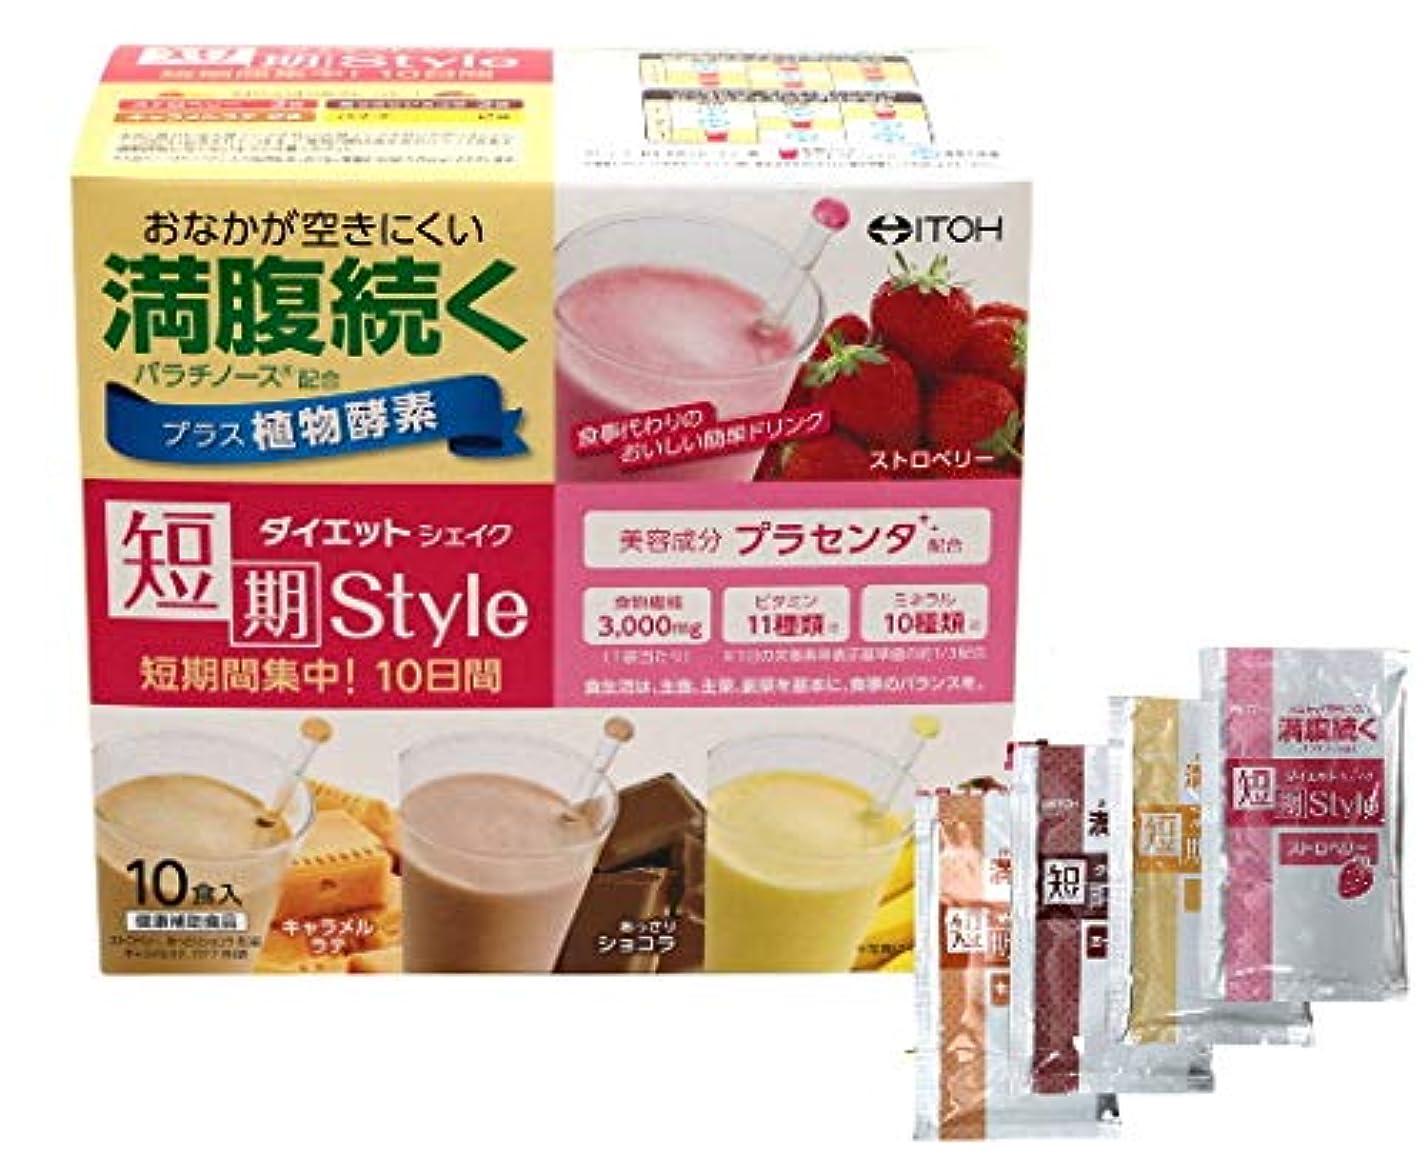 囲まれたパンサー付添人井藤漢方 短期スタイル ダイエットシェイク(25g×10袋)2個セット